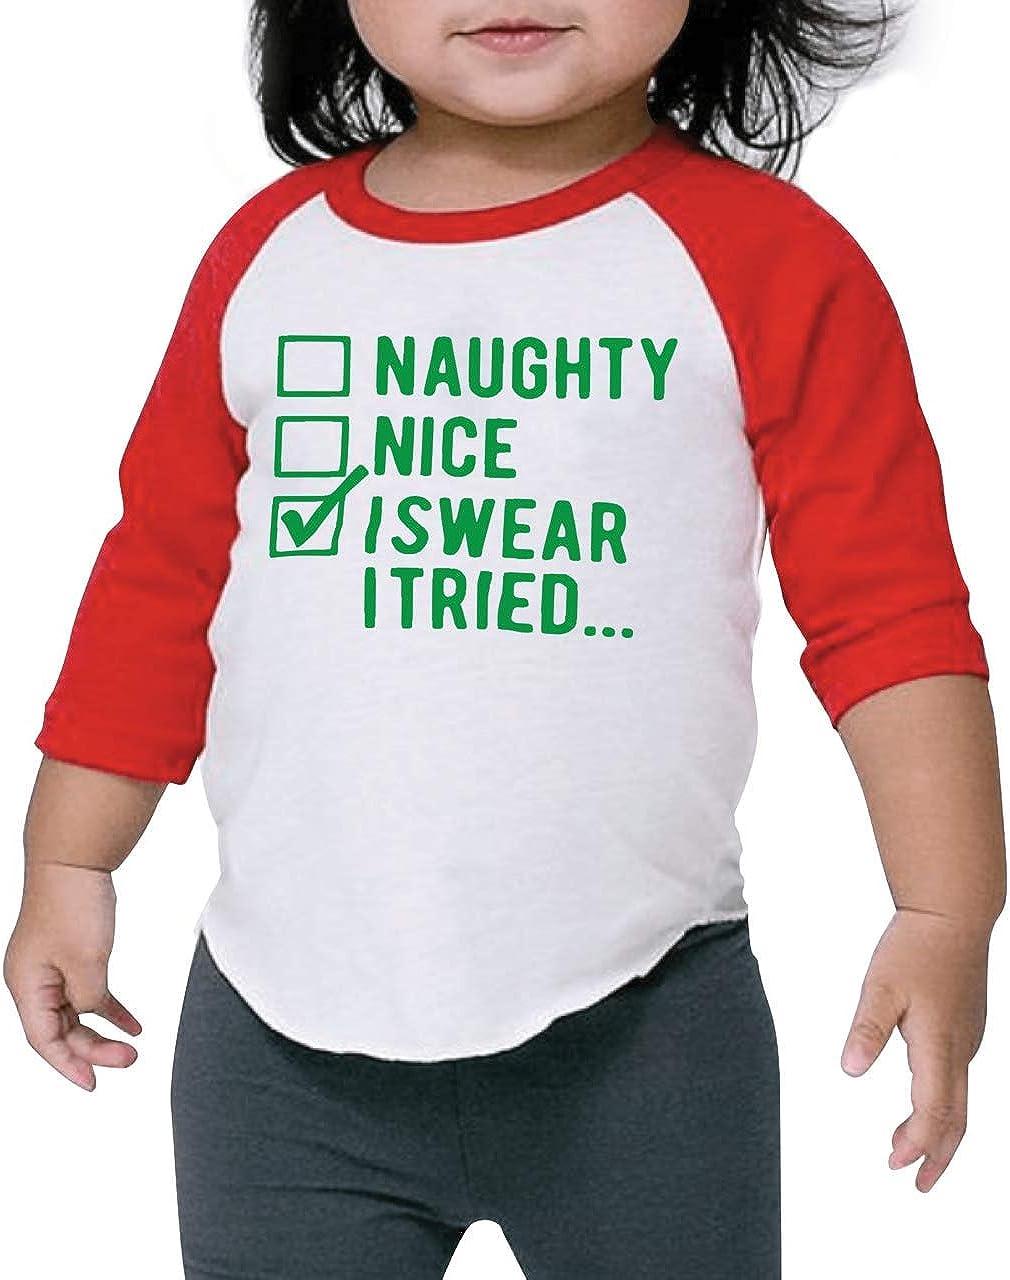 Kids Christmas Shirt for Boys and Girls, Naughty or Nice